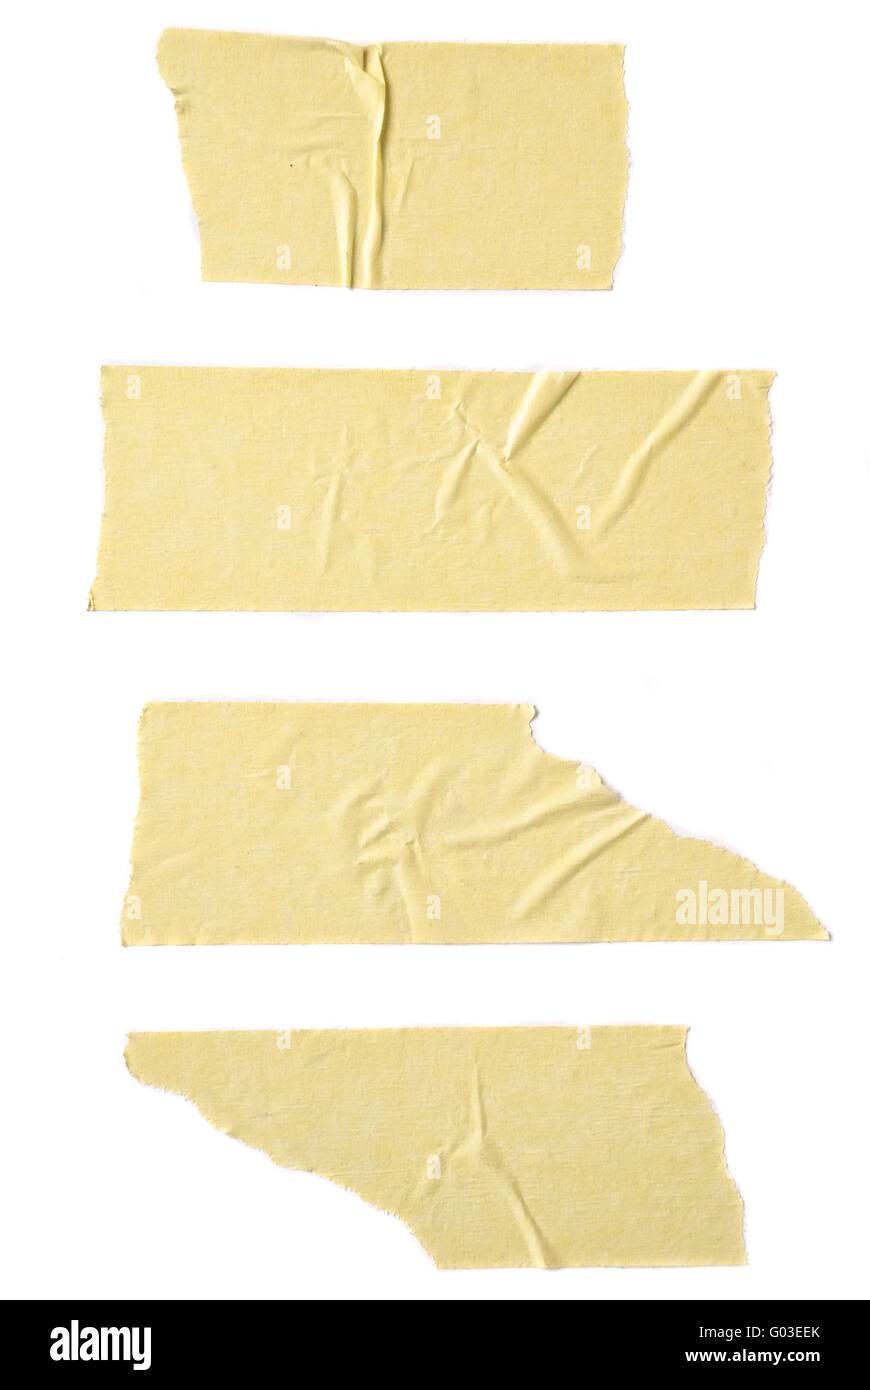 Tiras de cinta de enmascarar aislado sobre fondo blanco. Imagen De Stock